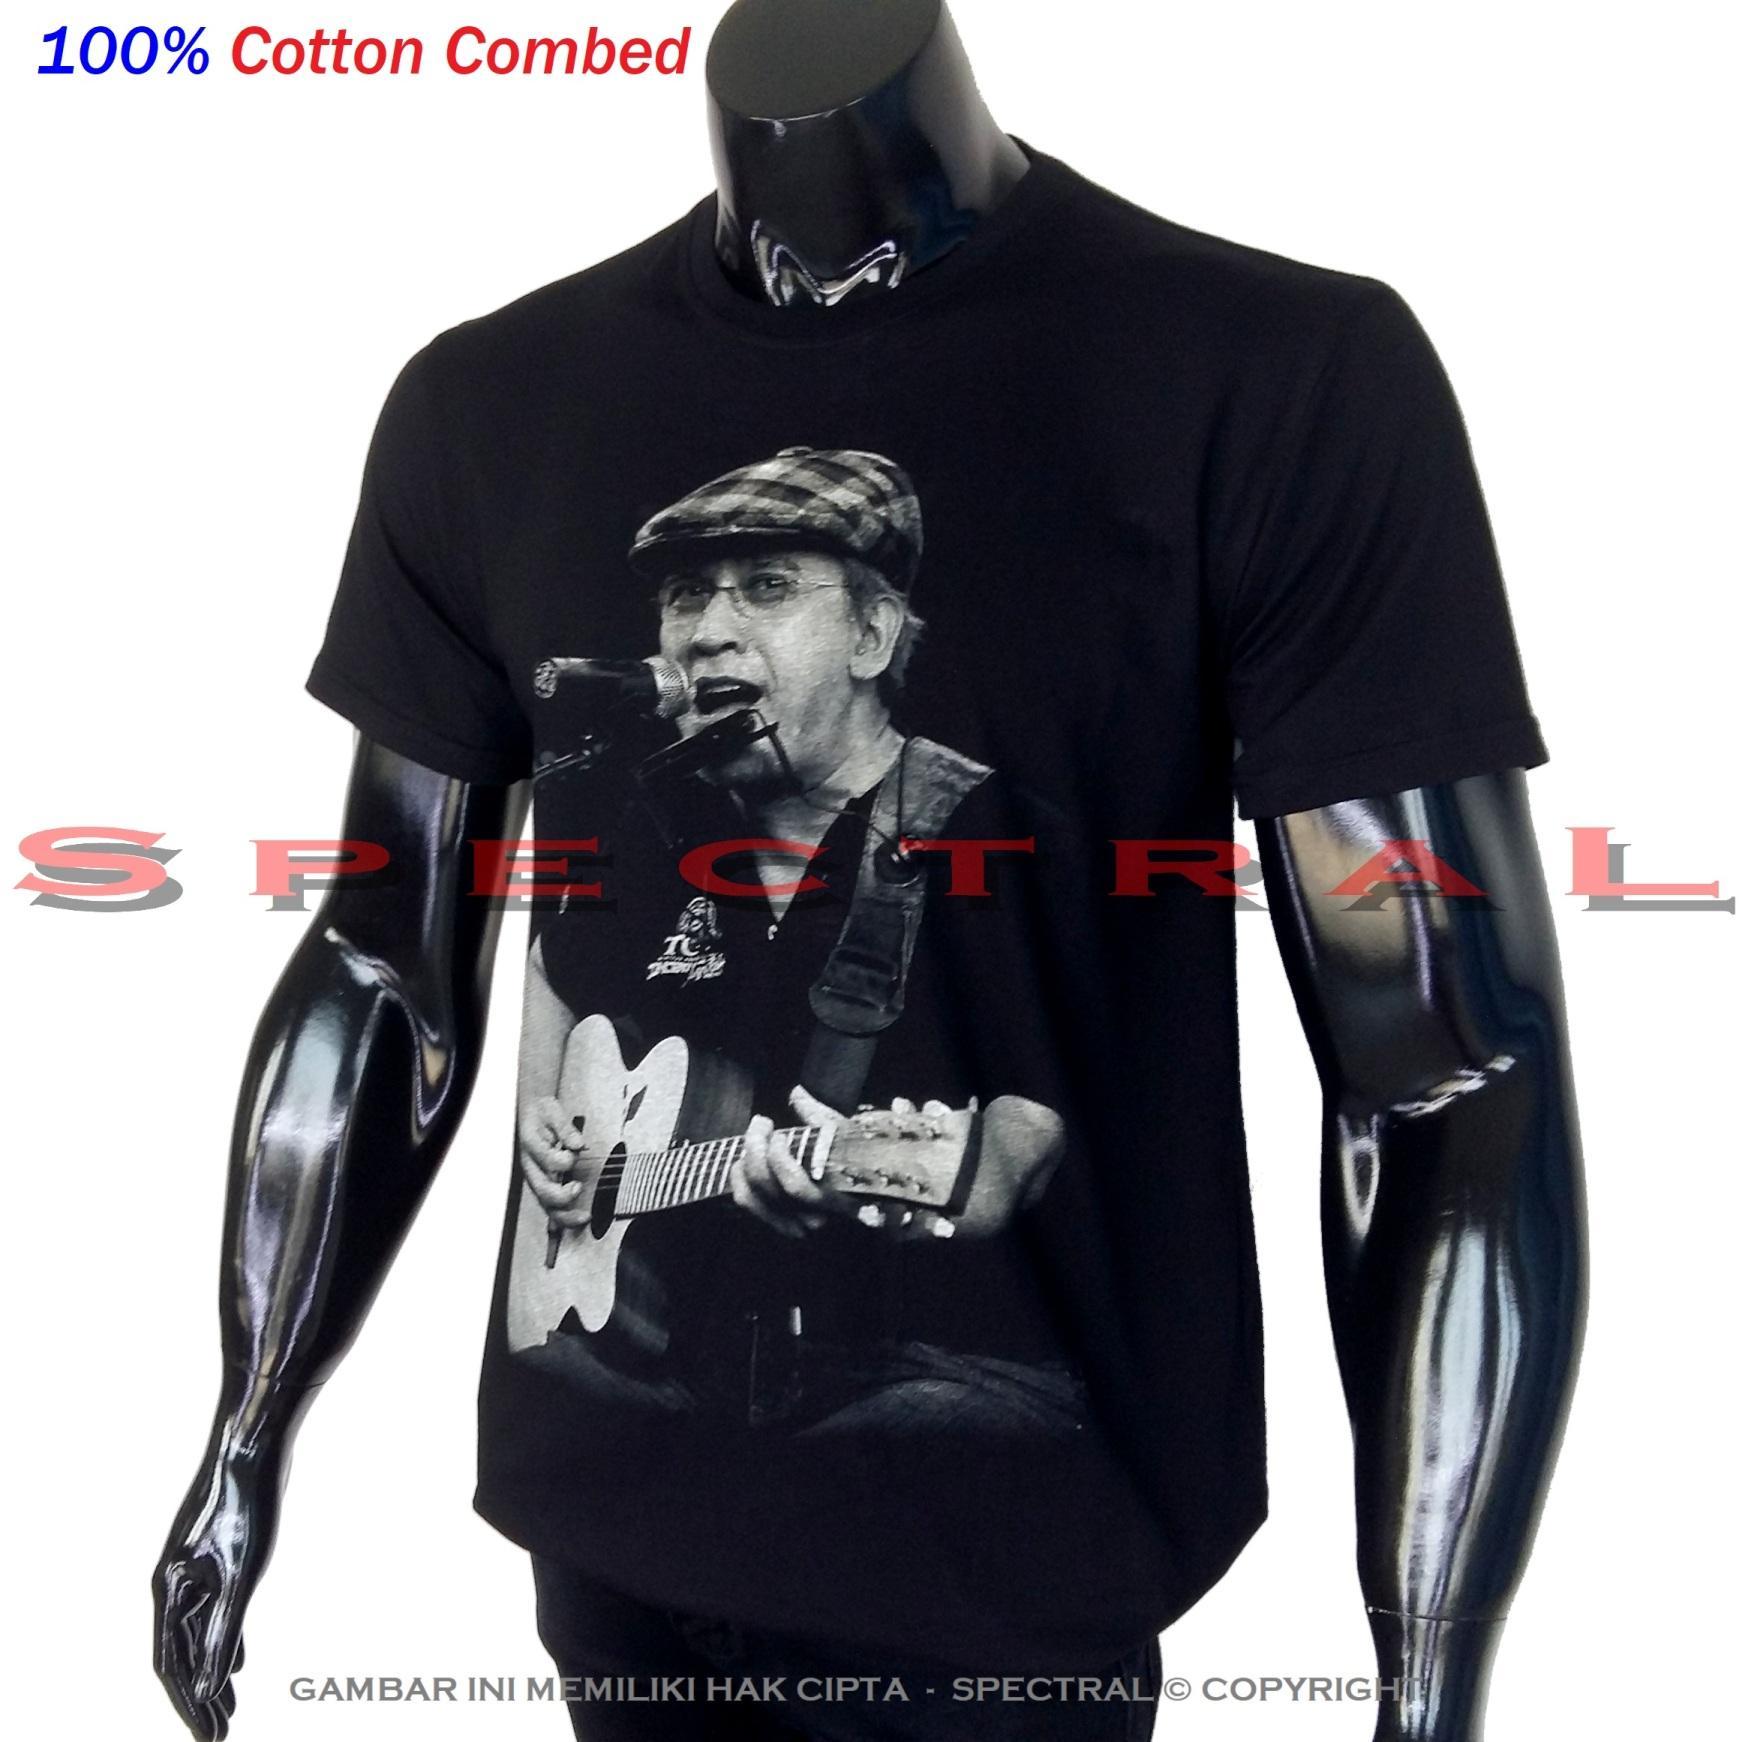 Spectral - Premium 100% Cotton Combed Iwan Fals Oi Orang Indonesia Gitar Musik Band Pop Artis Rock Metal Iwanfals Seni